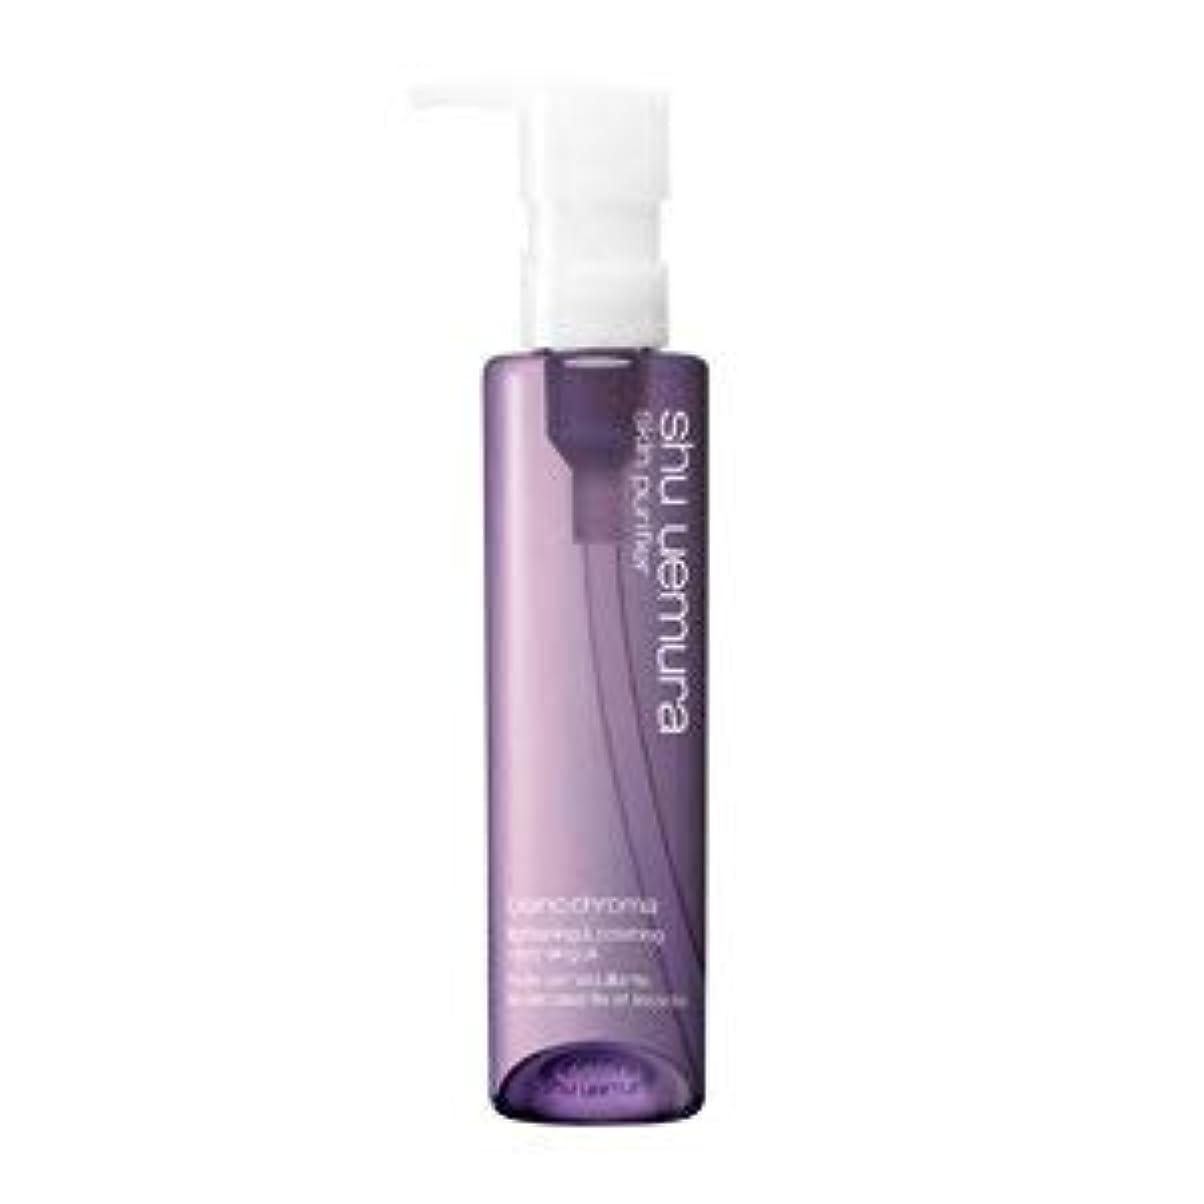 紫の電化する仮称シュウ ウエムラ ブランクロマ ライト&ポリッシュ クレンジングオイル 150ml